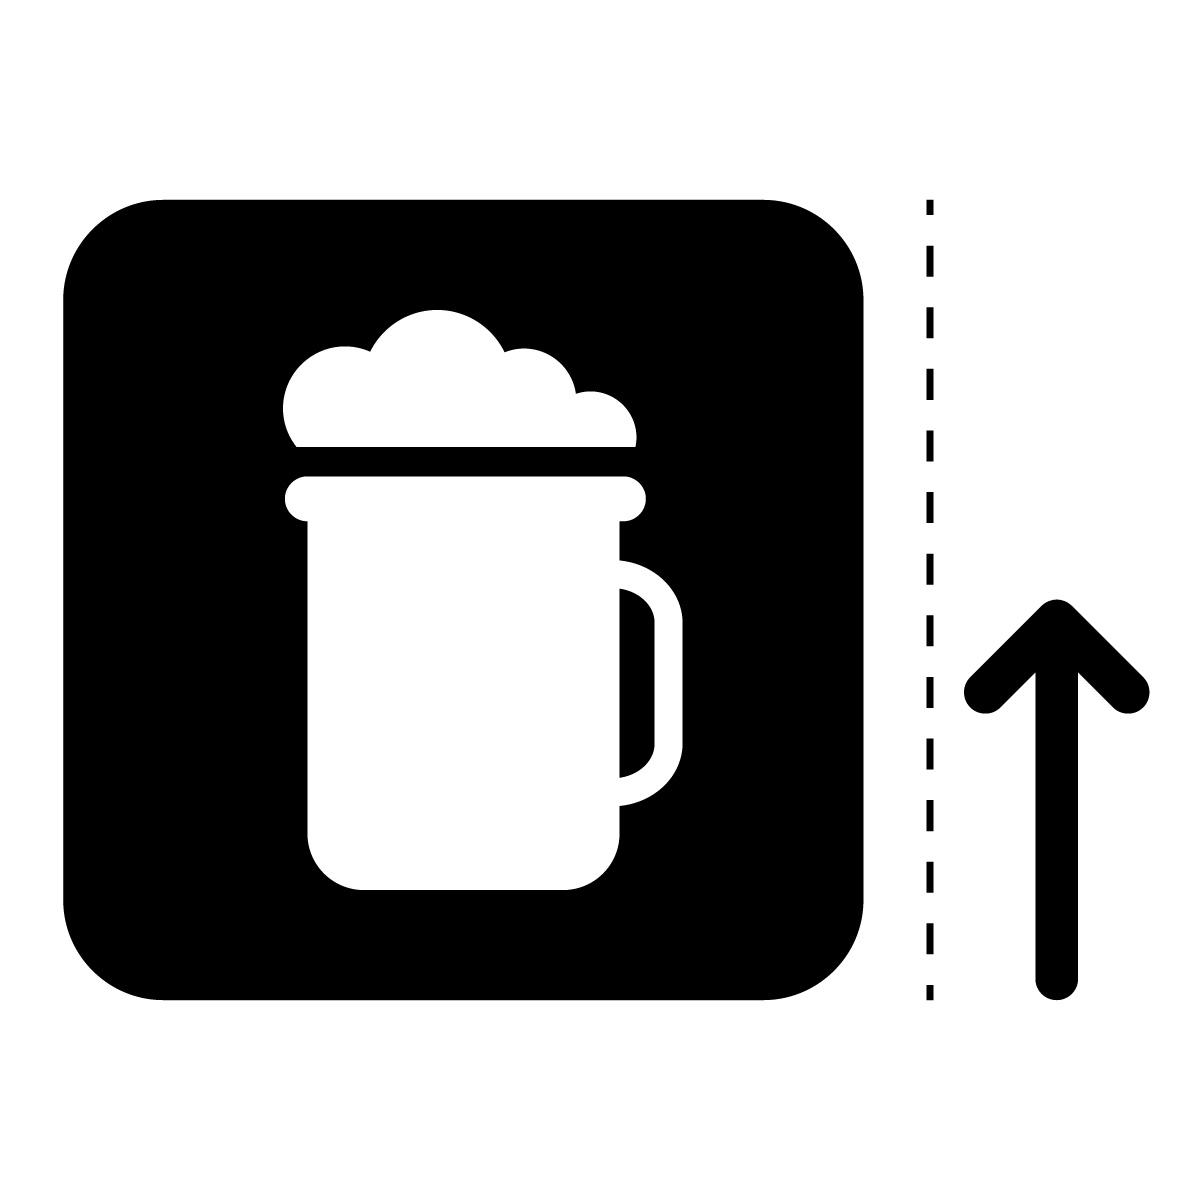 黒色のビール アルコール 案内 販売 マーク(矢印付き)のカッティング ステッカー シール 光沢タイプ・防水・耐水・屋外耐候3~4年